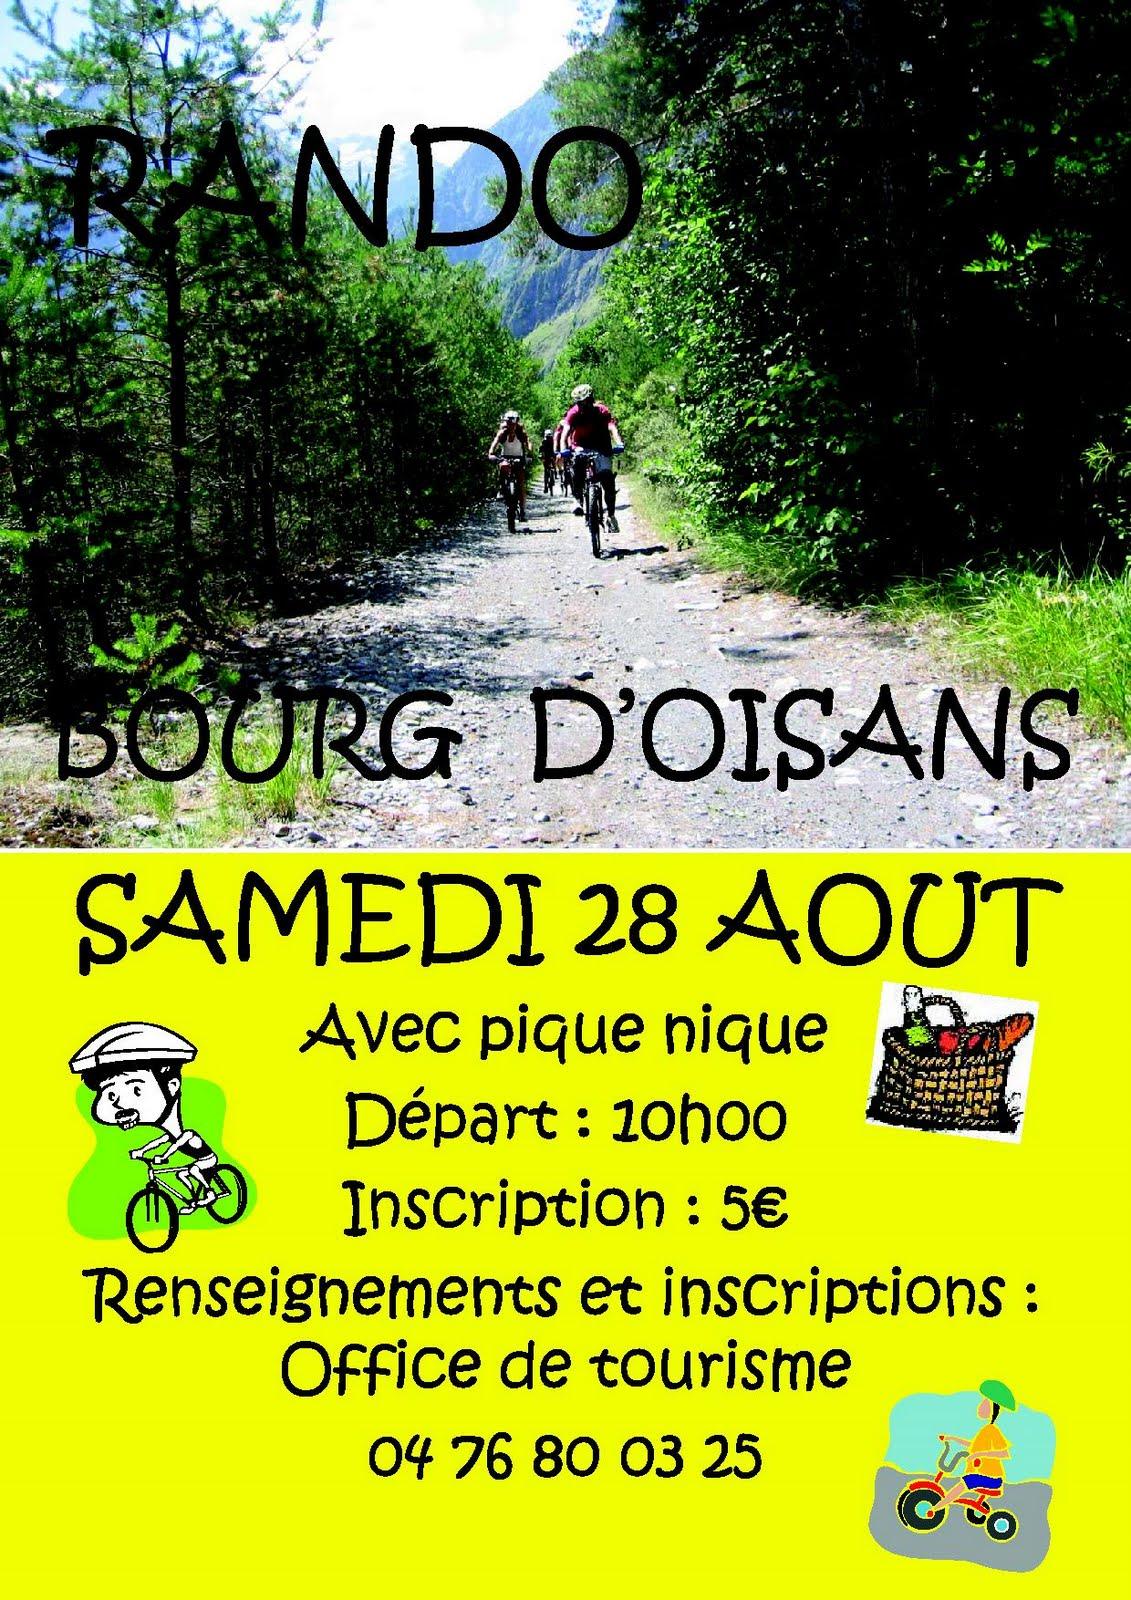 News de l 39 office de tourisme bourg d 39 oisans rando vtt ce - Le bourg d oisans office de tourisme ...